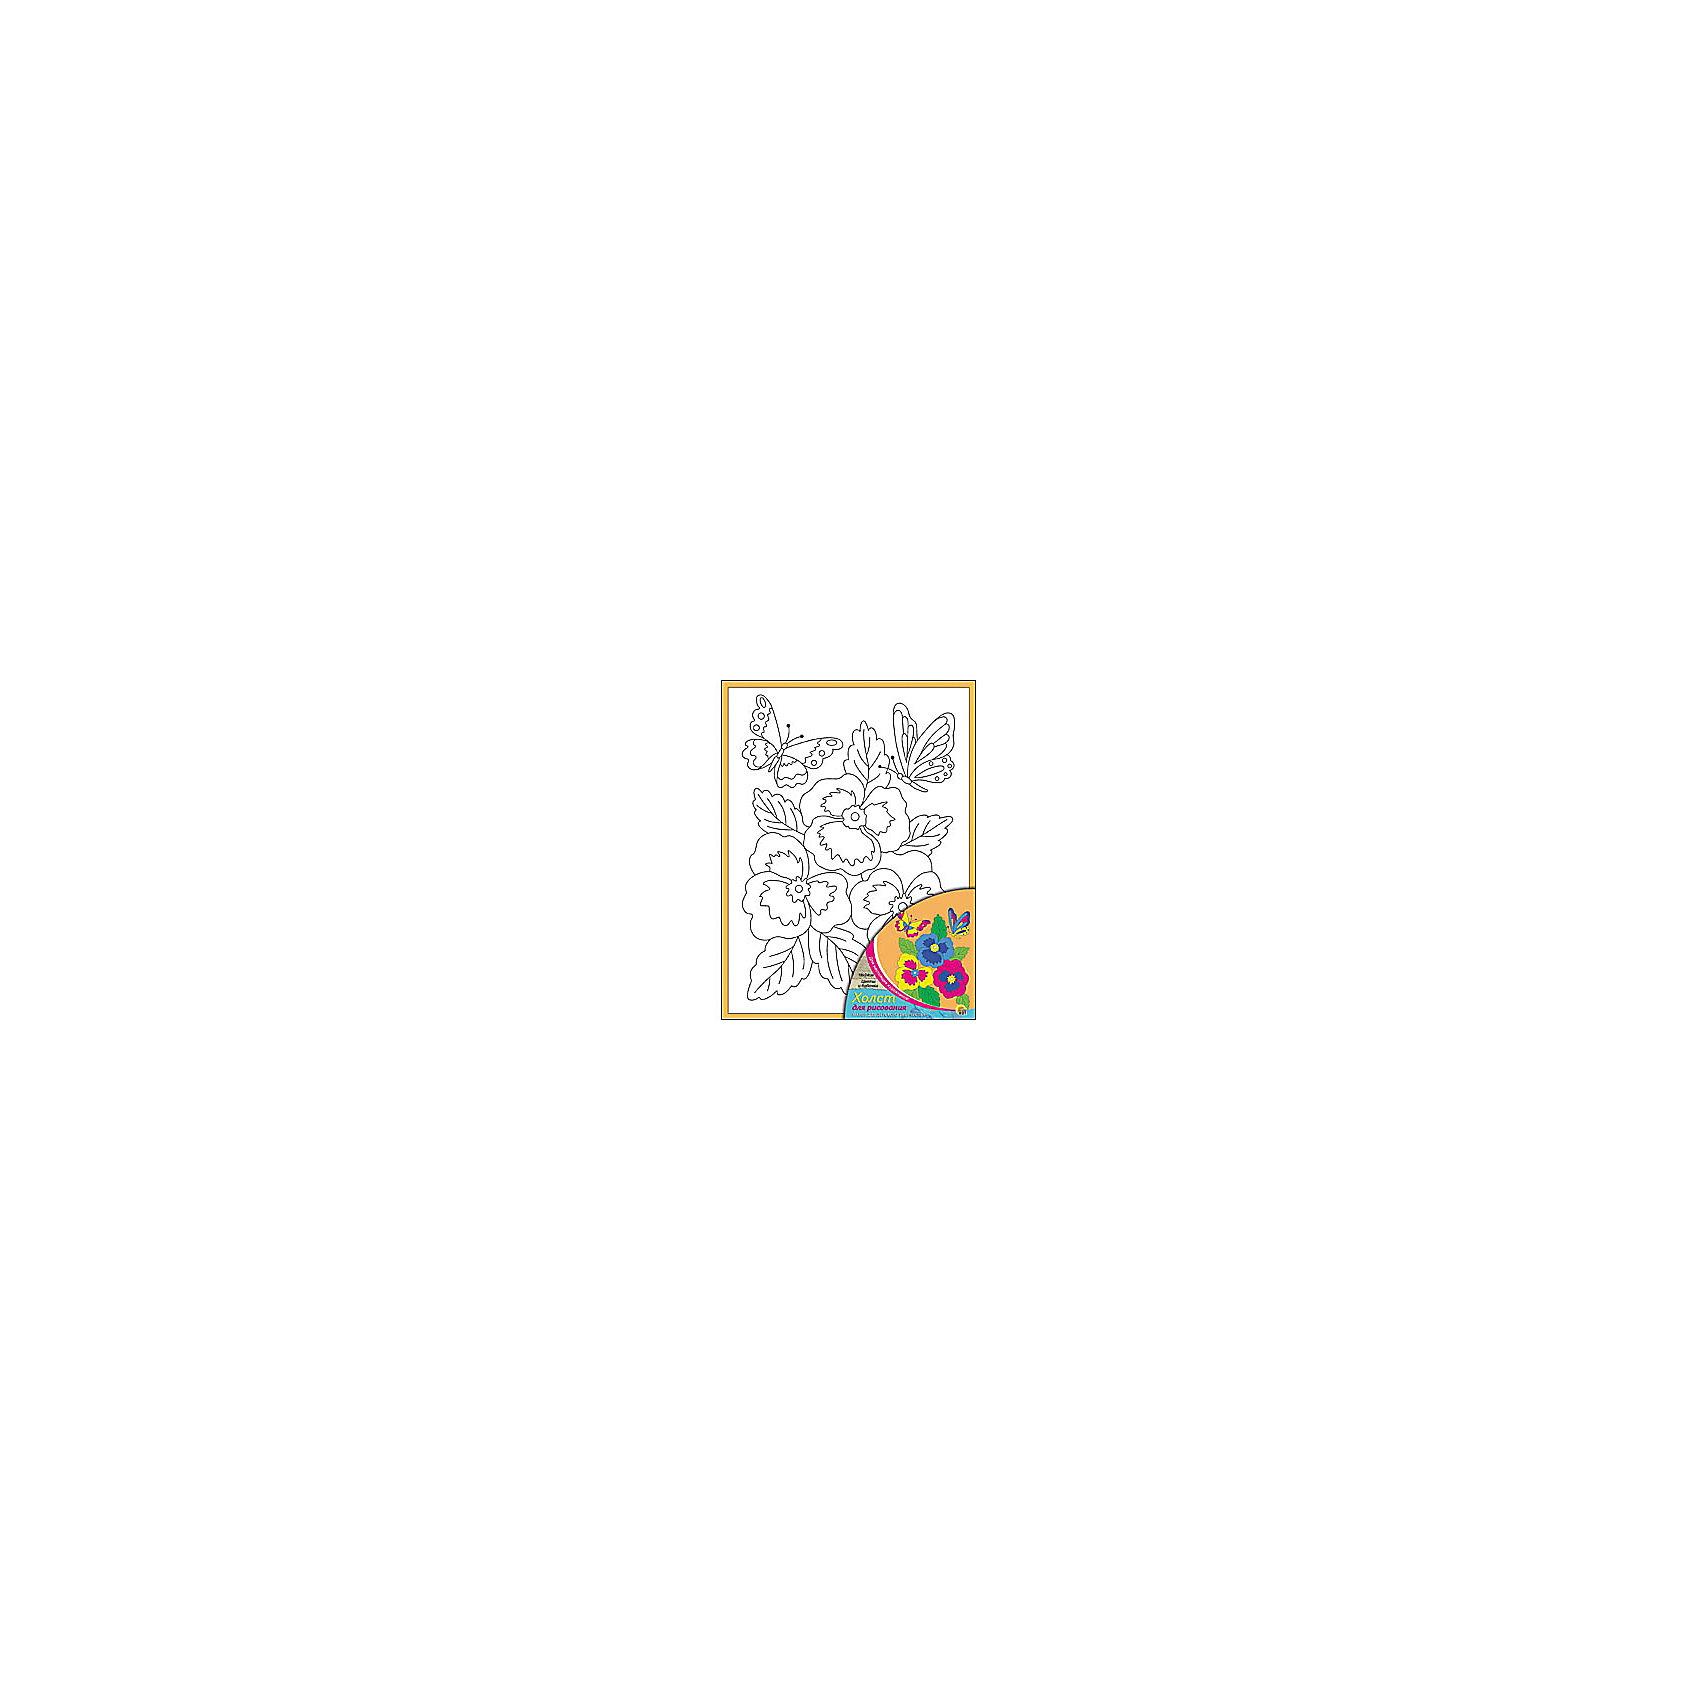 Холст с красками Цветы и бабочки 18х24 смзамечательные наборы для создания уникального шедевра изобразительного искусства. Создание картин на специально подготовленной рабочей поверхности – это уникальная техника, позволяющая делать Ваши шедевры более яркими и реалистичными. Просто нанесите мазки на уже готовый эскиз и оживите картину! Готовые изделия могут стать украшением интерьера или прекрасным подарком близким и друзьям.<br><br>Ширина мм: 180<br>Глубина мм: 240<br>Высота мм: 15<br>Вес г: 1075<br>Возраст от месяцев: 36<br>Возраст до месяцев: 108<br>Пол: Унисекс<br>Возраст: Детский<br>SKU: 5096737